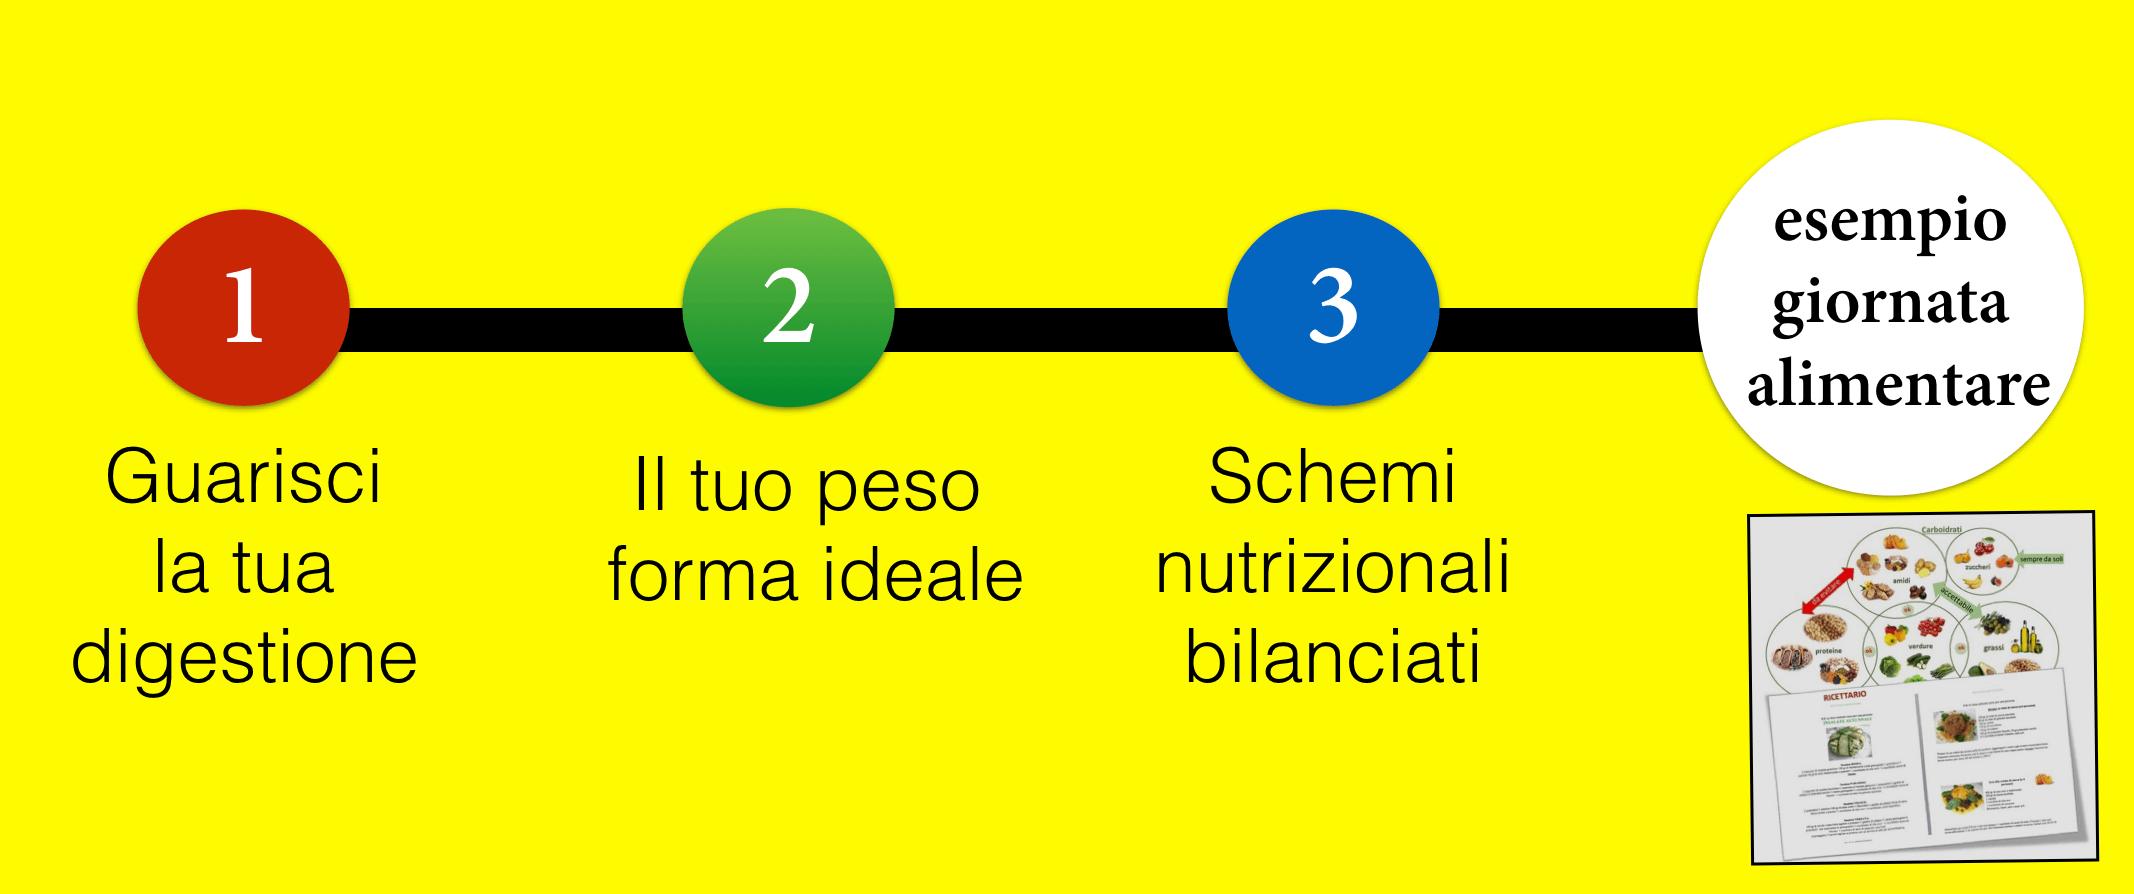 Dieta vegana alcalina in 3 step